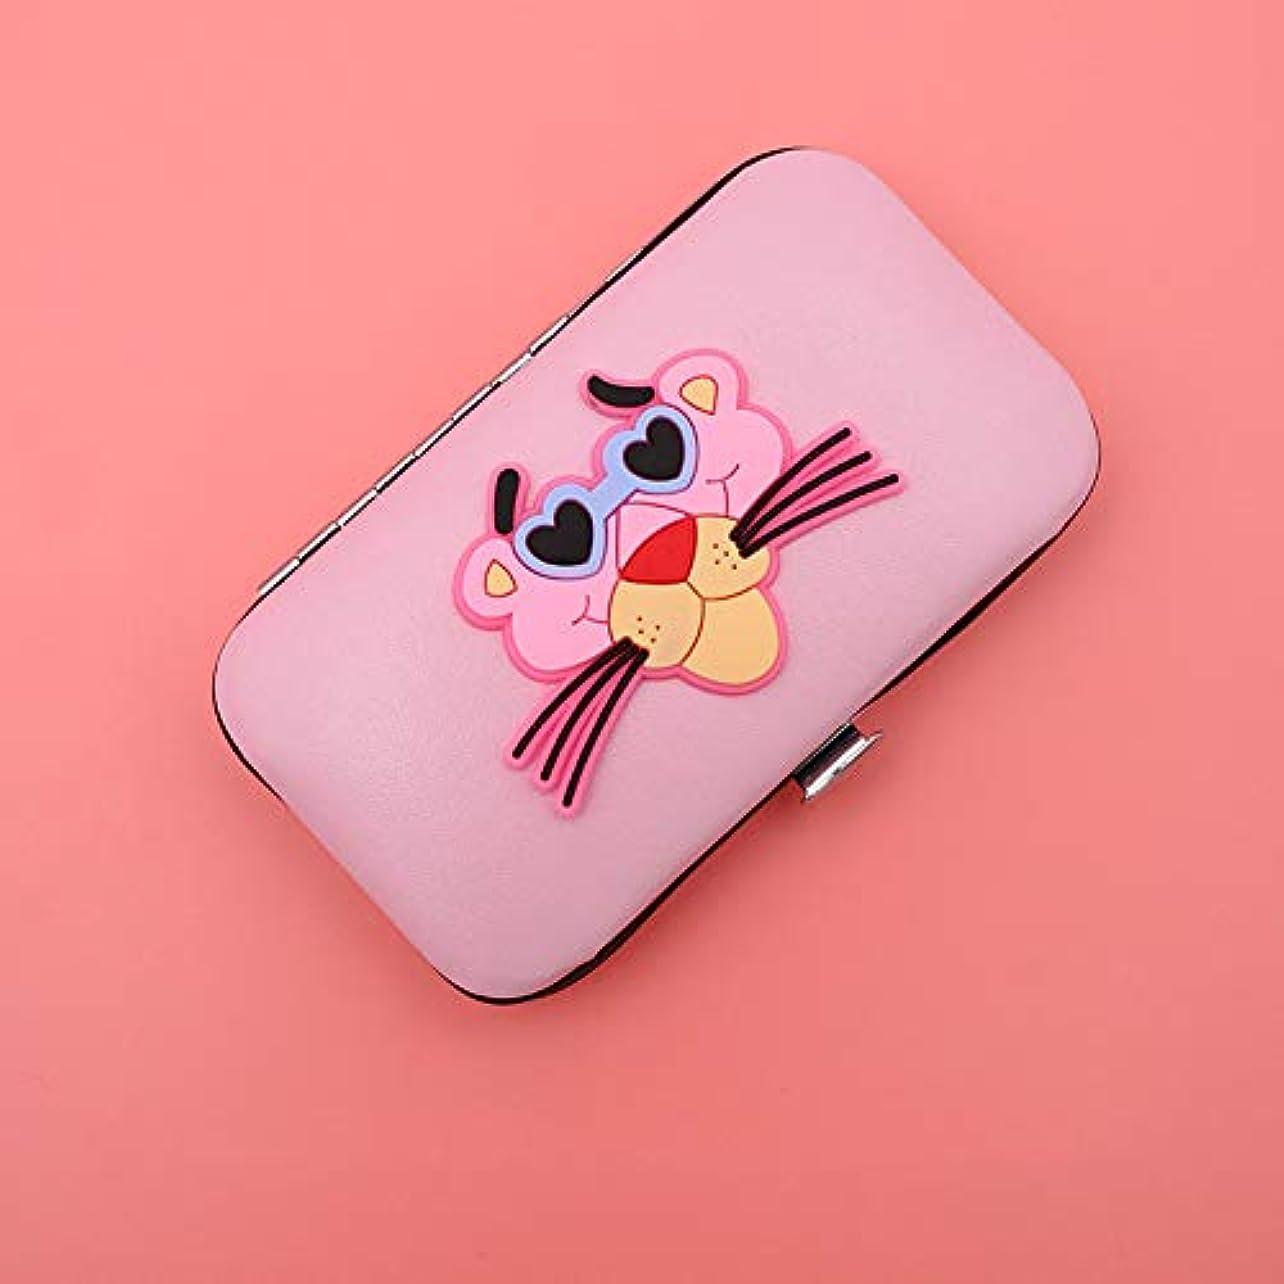 ミネラルくさびグラマーネイルクリッパー7点セット、美容ツールセット、女の子漫画ピンクの箱入りのためのマニキュアキット(anthomaniacヒョウ)のネイル